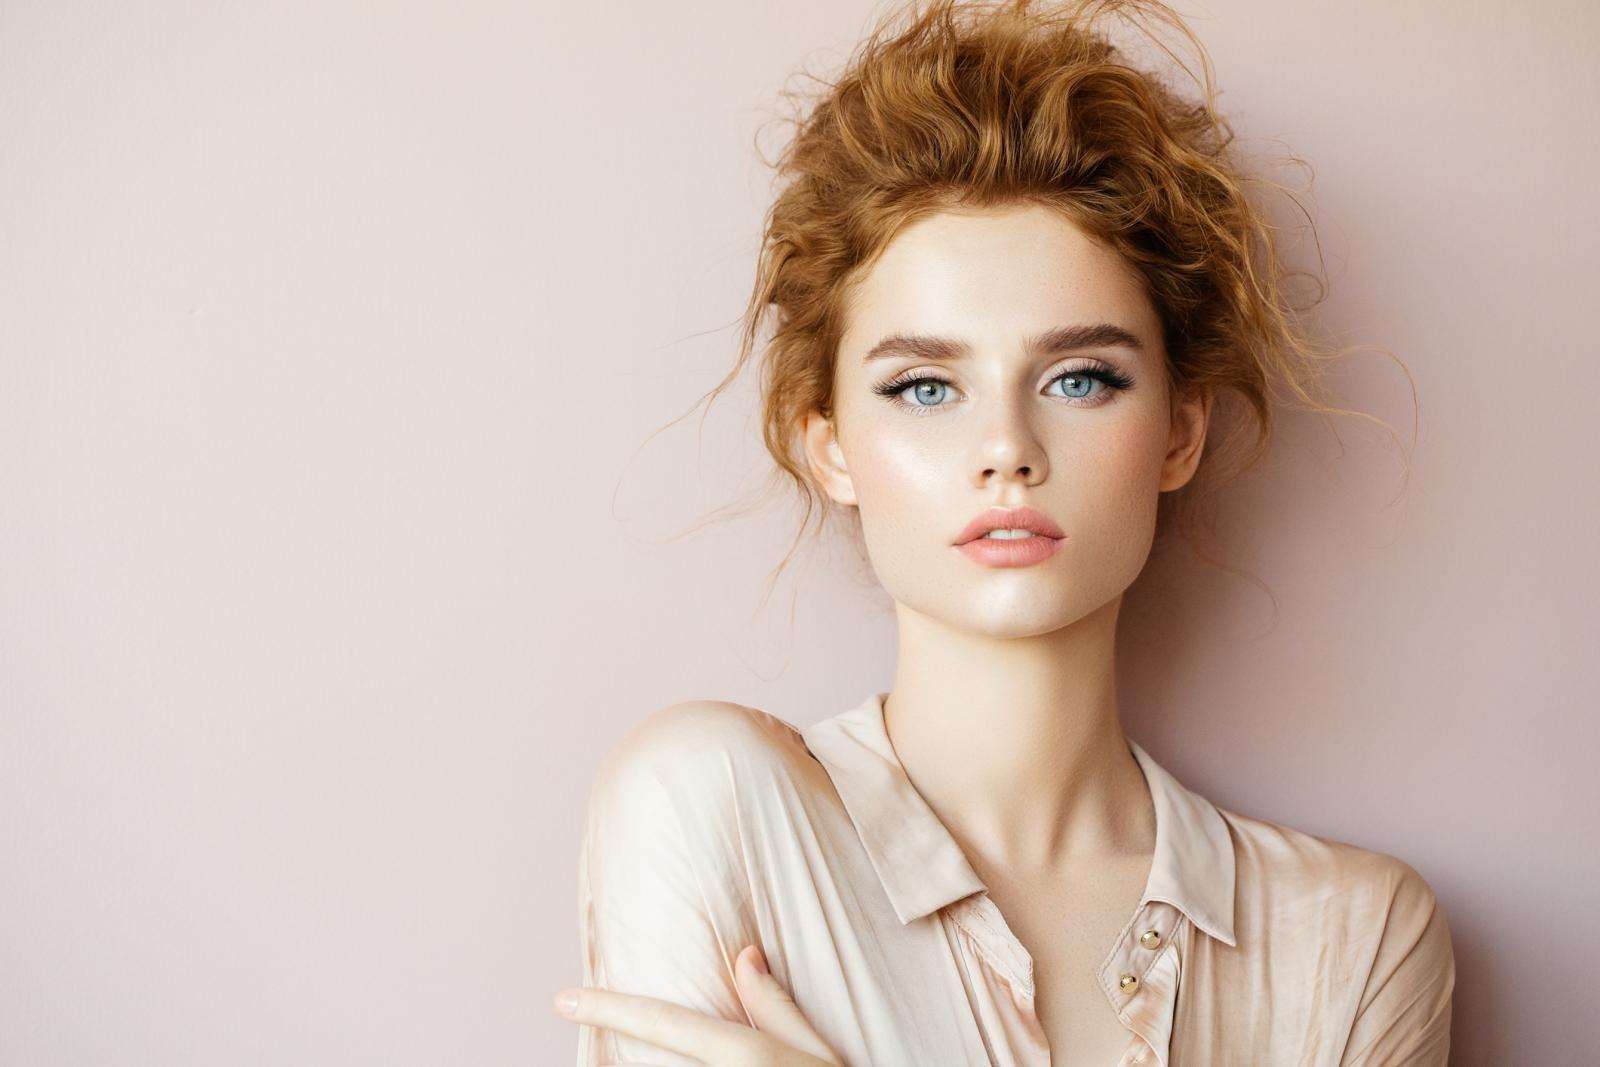 natural makeup for green eyes and red hair - wavy haircut